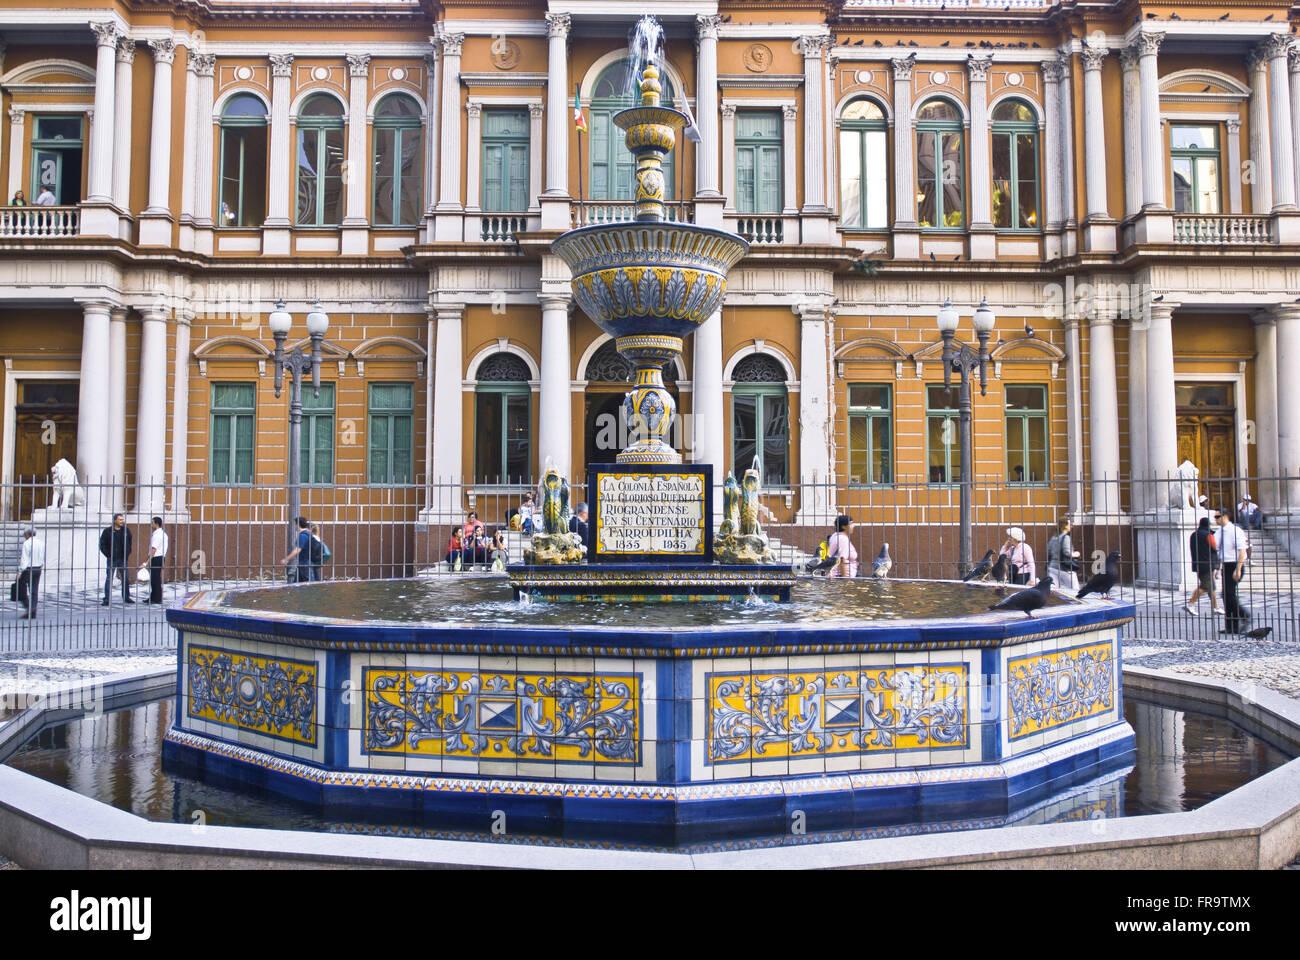 Fonte Talavera in Praca edificio Montevideo davanti al municipio costruito nel 1901 Immagini Stock